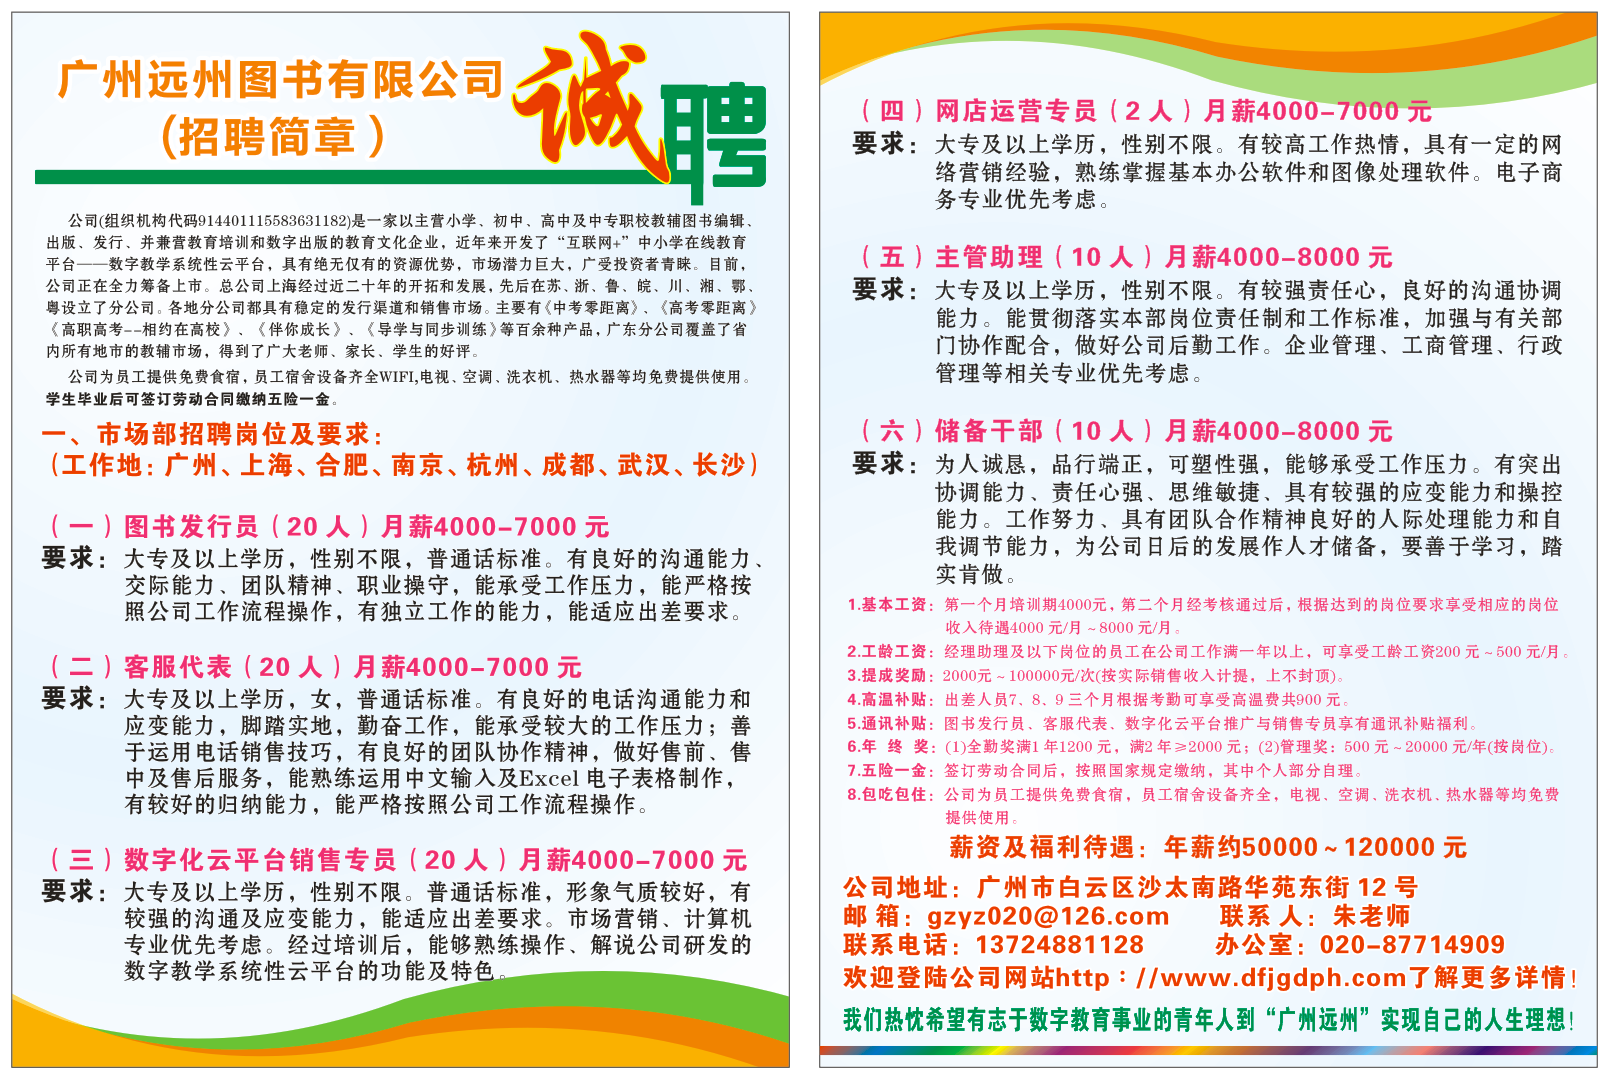 广州远州图书有限公司宣讲会